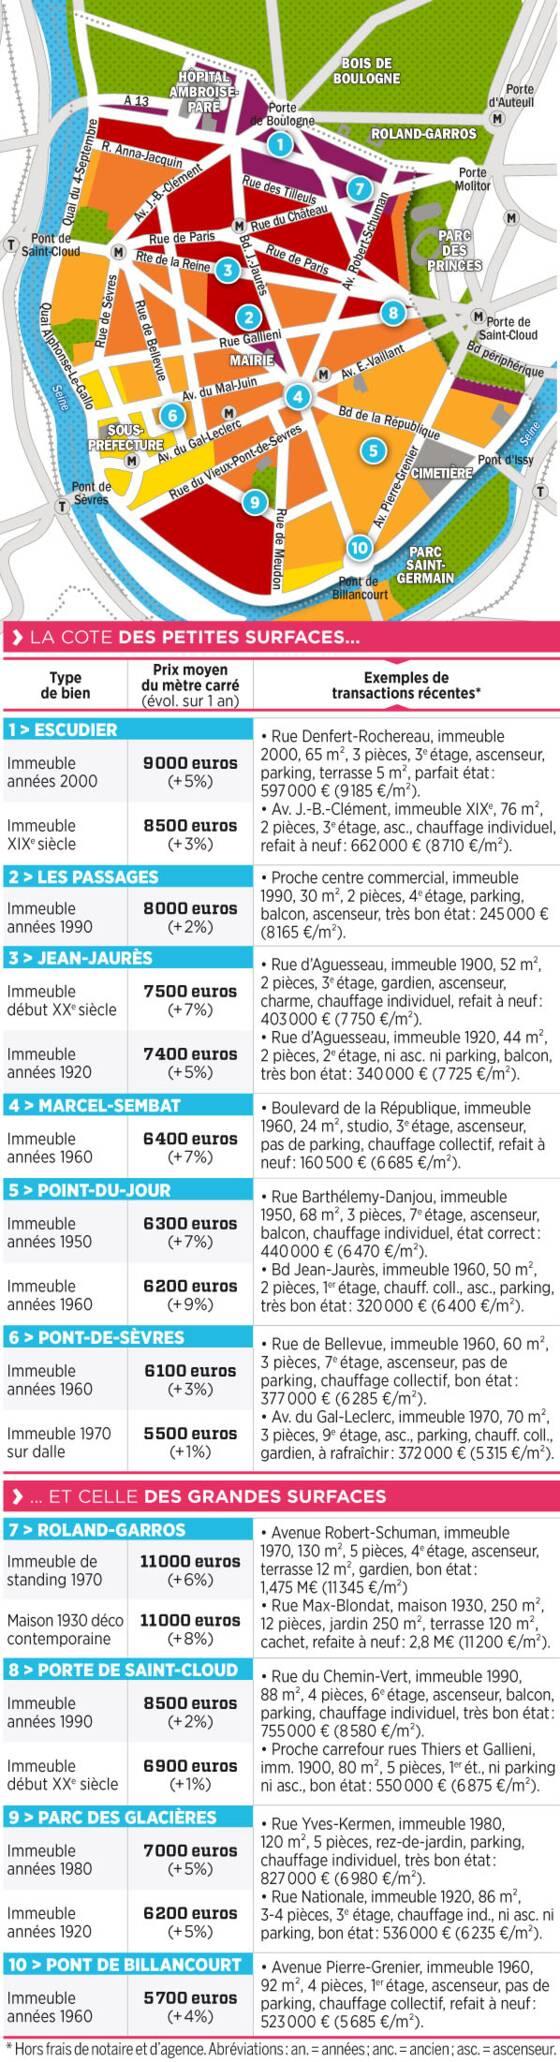 Daniel Fau ERA Les Passages Et Marcel Sembat Impact Immo Kretz Partners MeilleursAgents Orpi Boulogne Auteuil Poiret Immobilier Quorum Invest